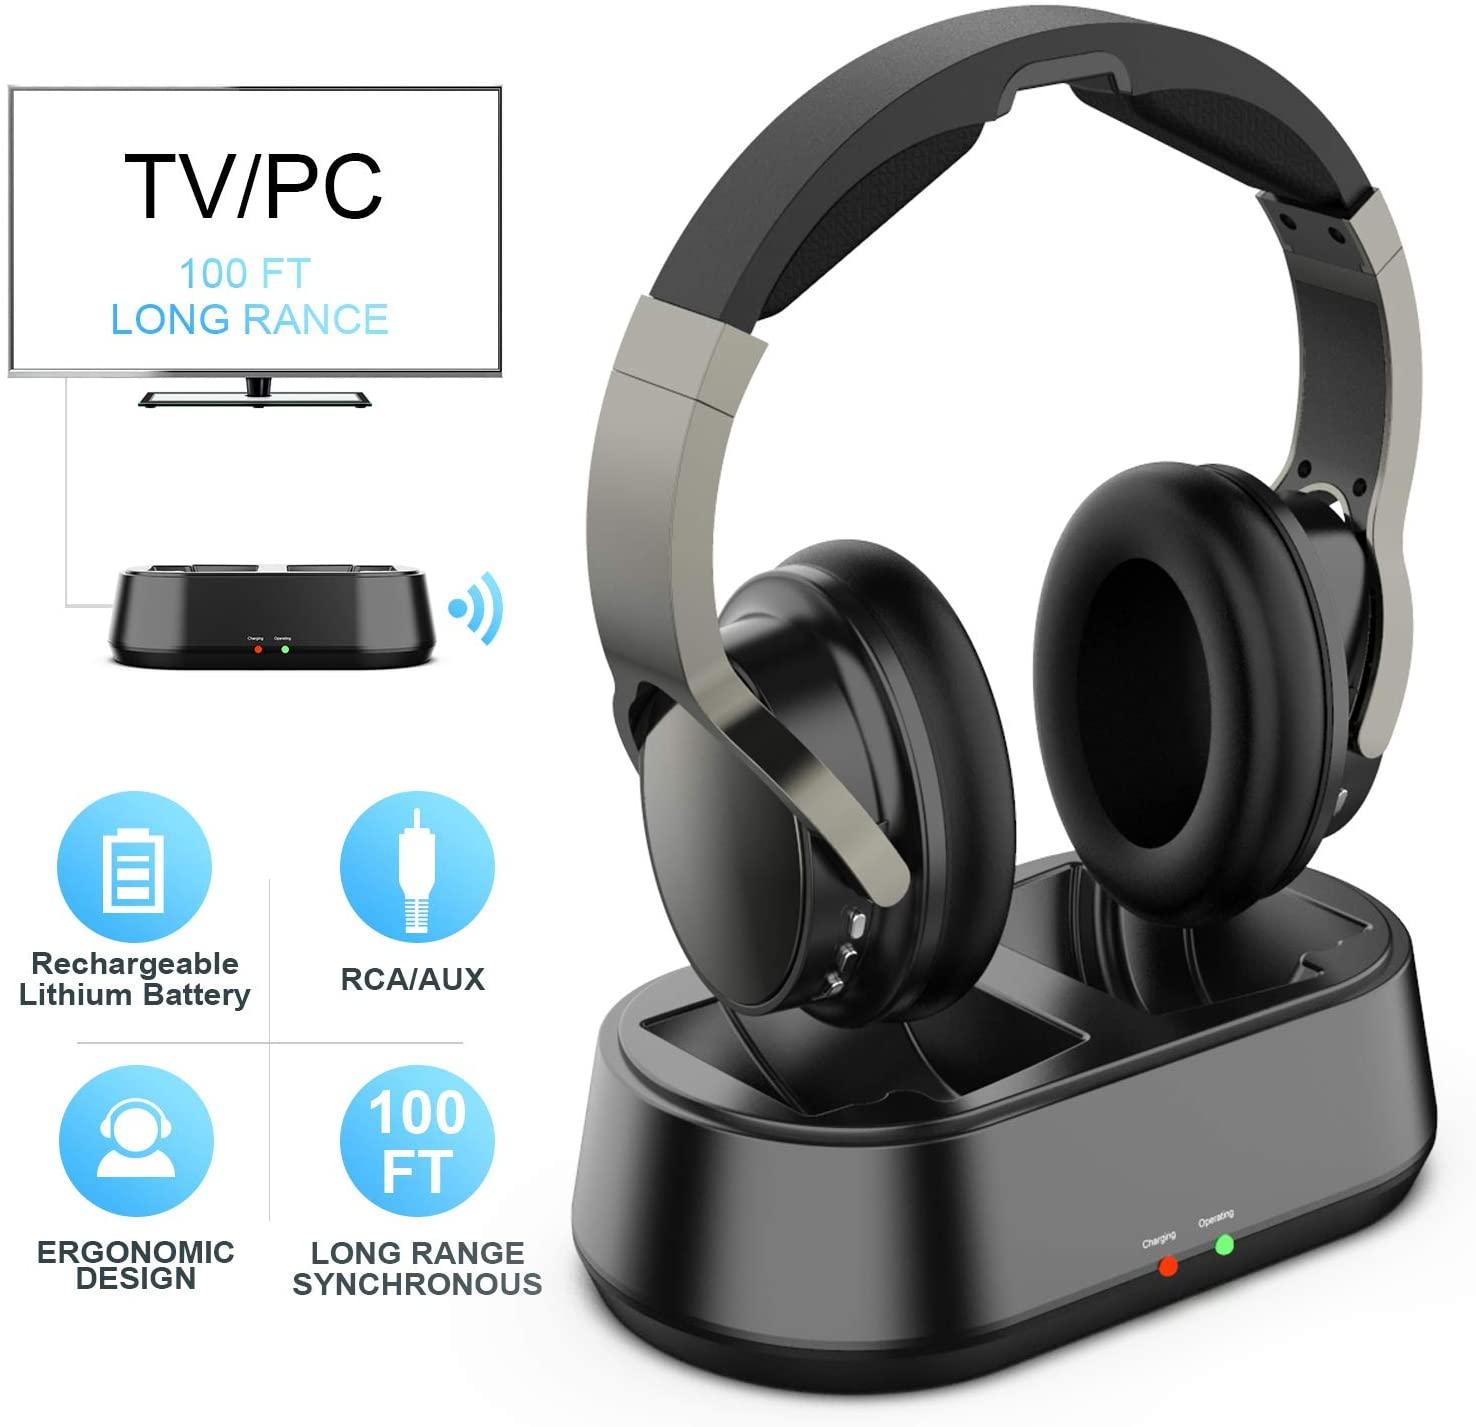 Auriculares Inalambrico TV con Transmisor y Port 3.5mm AUX, Auricular De Diadema para Television